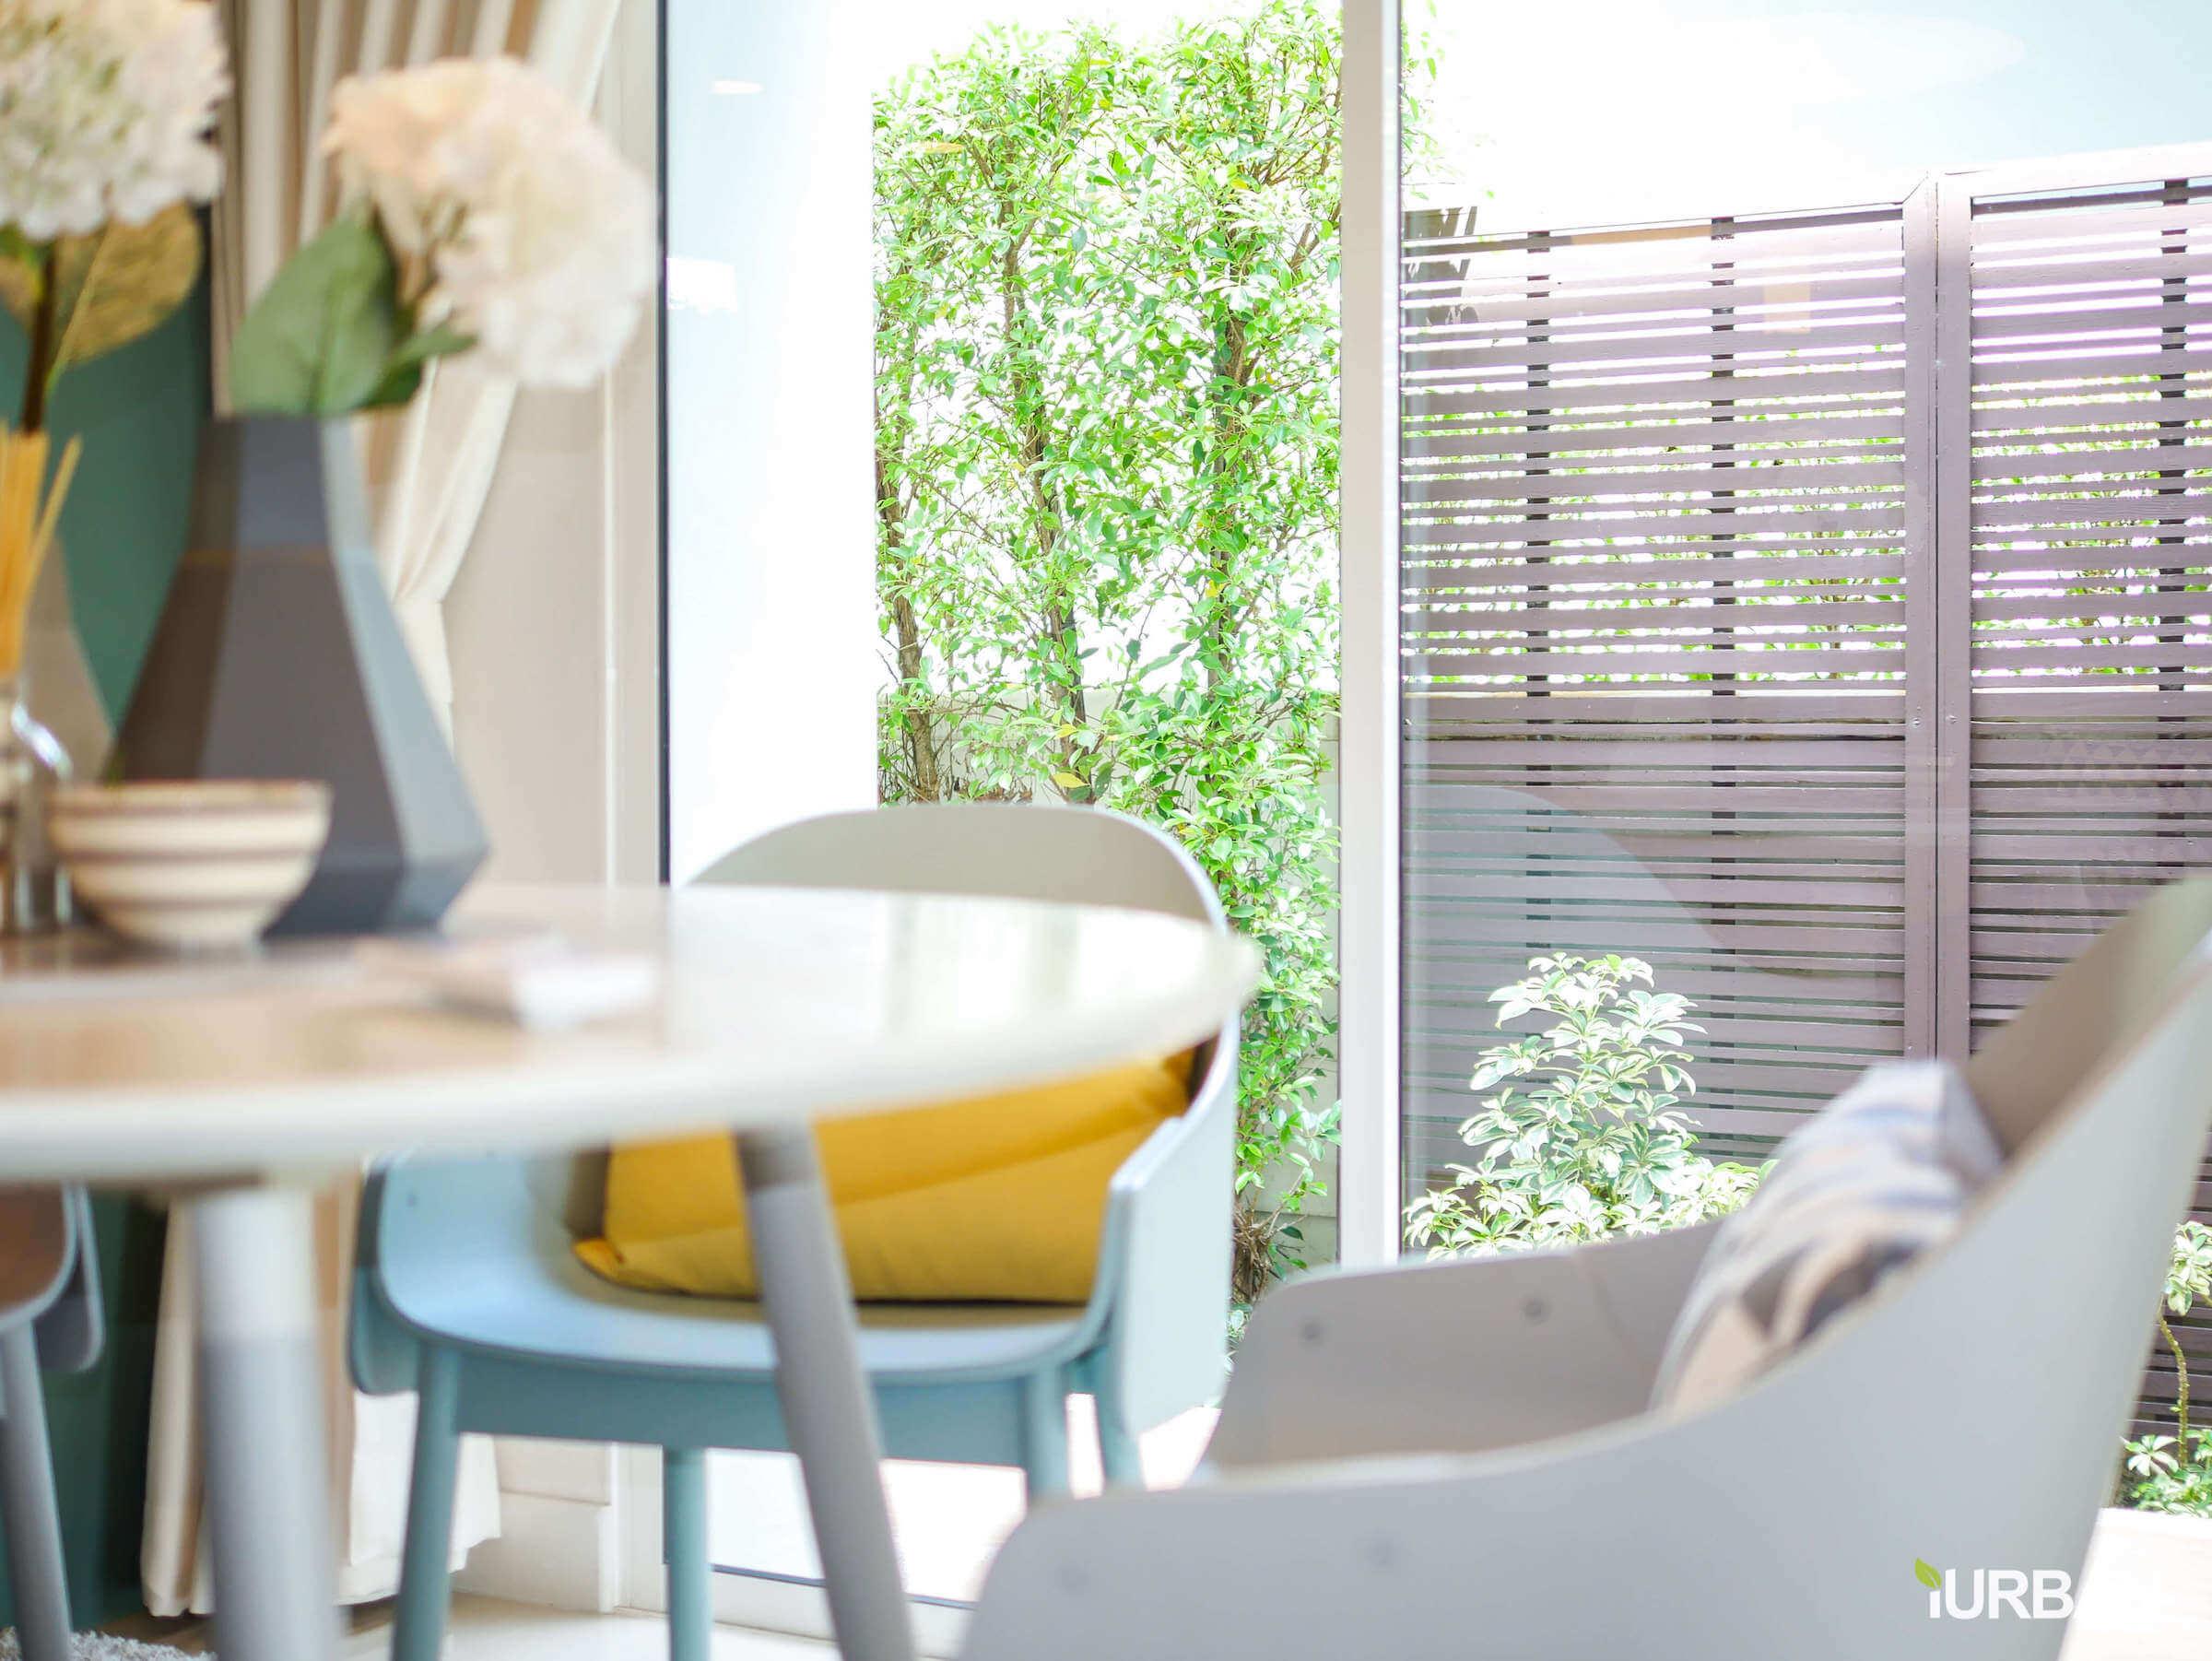 """รีวิว The Colours ทาวน์โฮม by Areeya บนทำเลที่กำลังเติบโต """"ข้างเมกาบางนาและอิเกีย"""" 50 - Areeya Property (อารียา พรอพเพอร์ตี้)"""